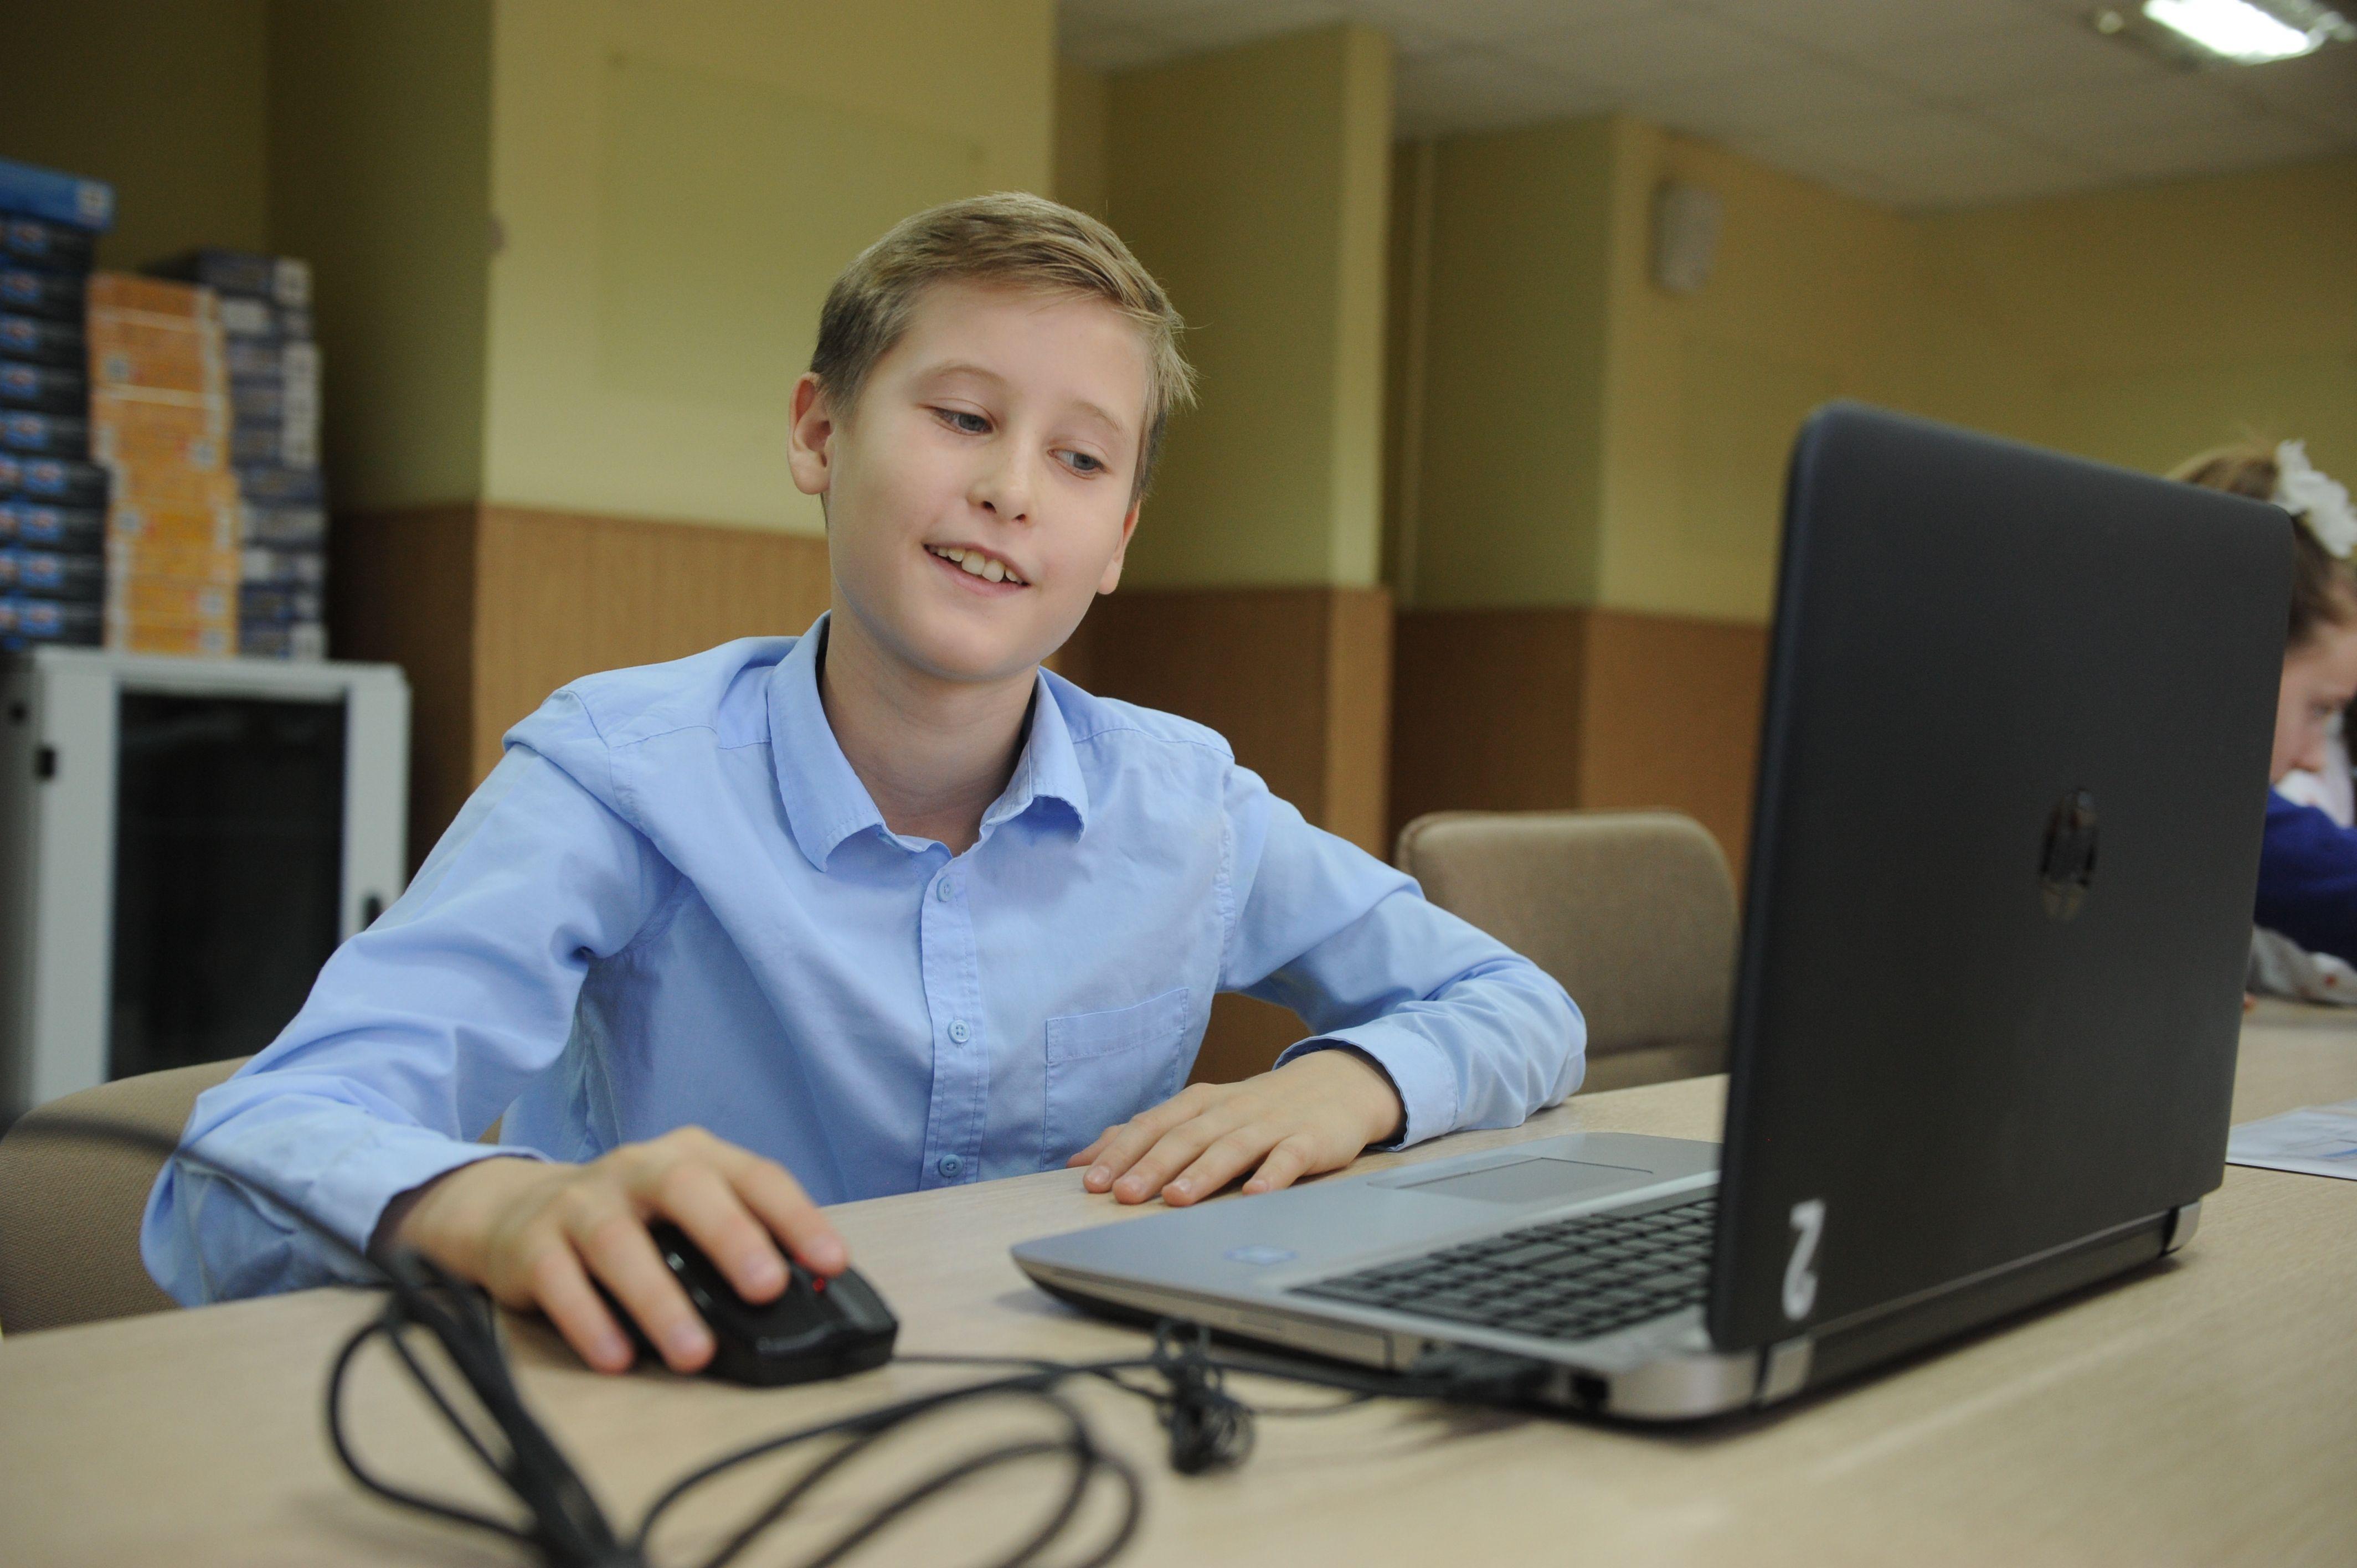 Специалисты «МЭШ» загрузили новые занятия в библиотеку